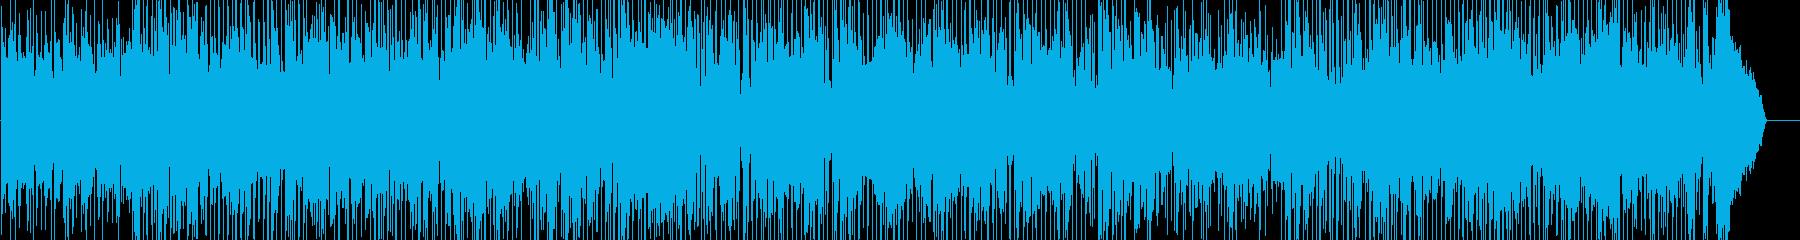 サックスメインのしっとりしたフュージョンの再生済みの波形